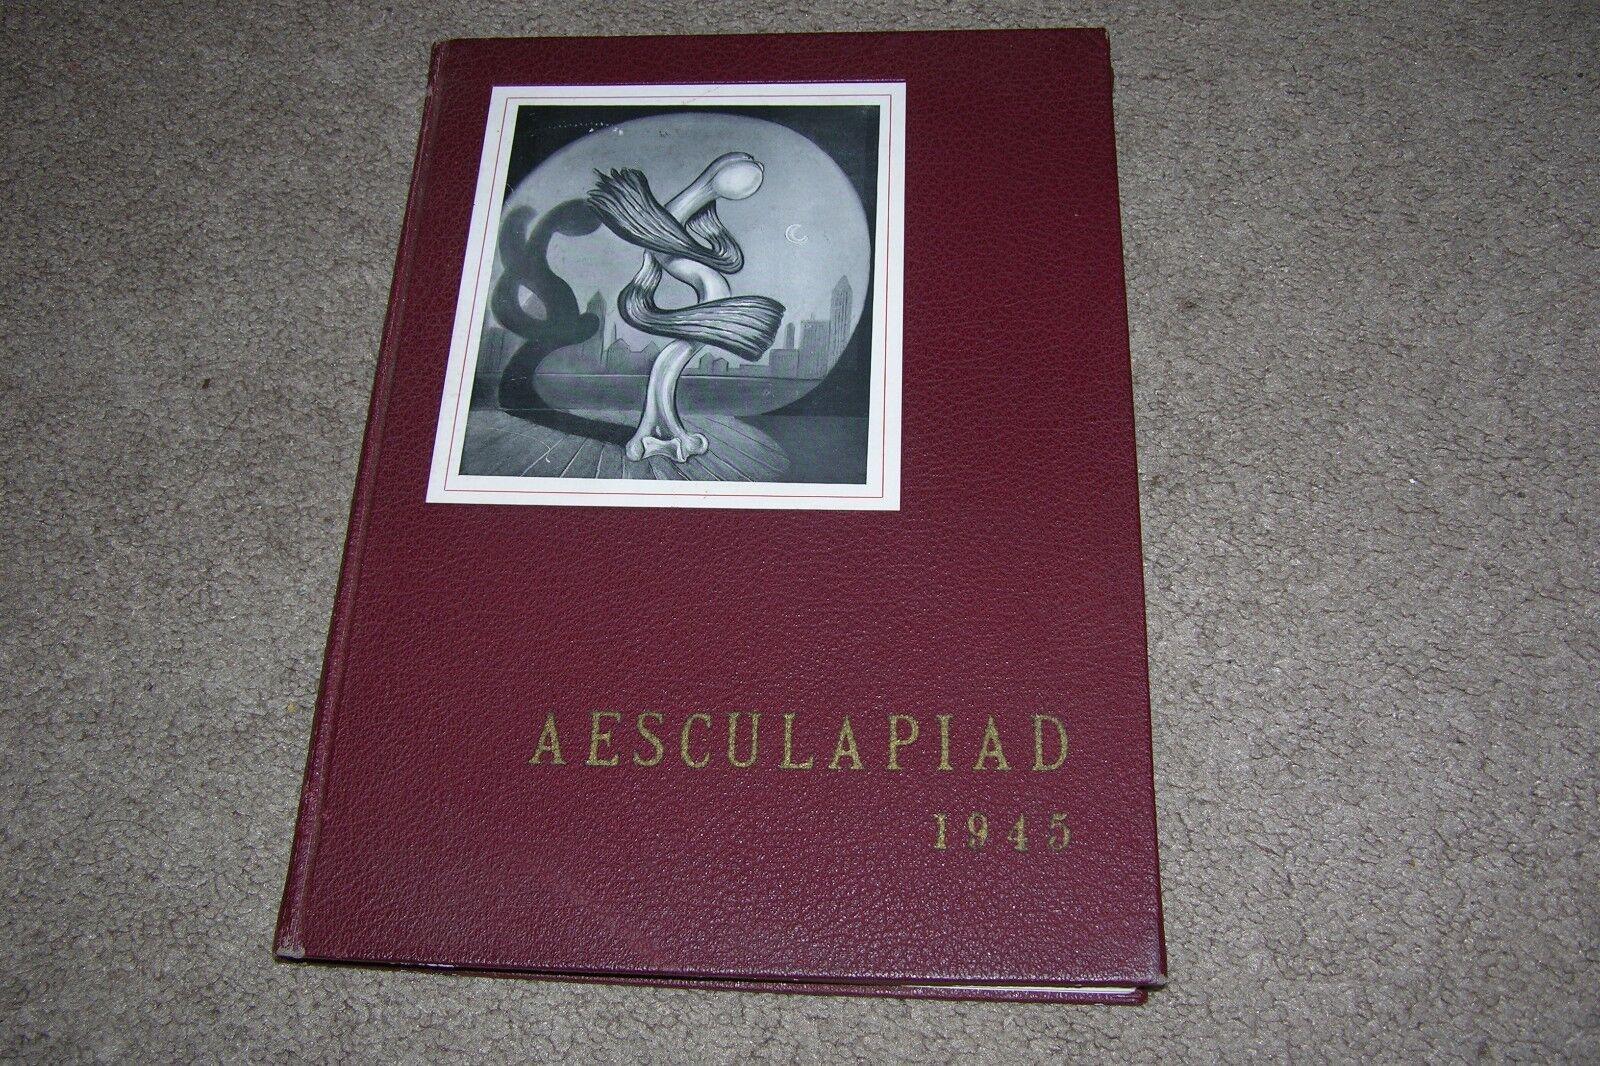 1945 Harvard Medical School Yearbook, Aesculapiad 1